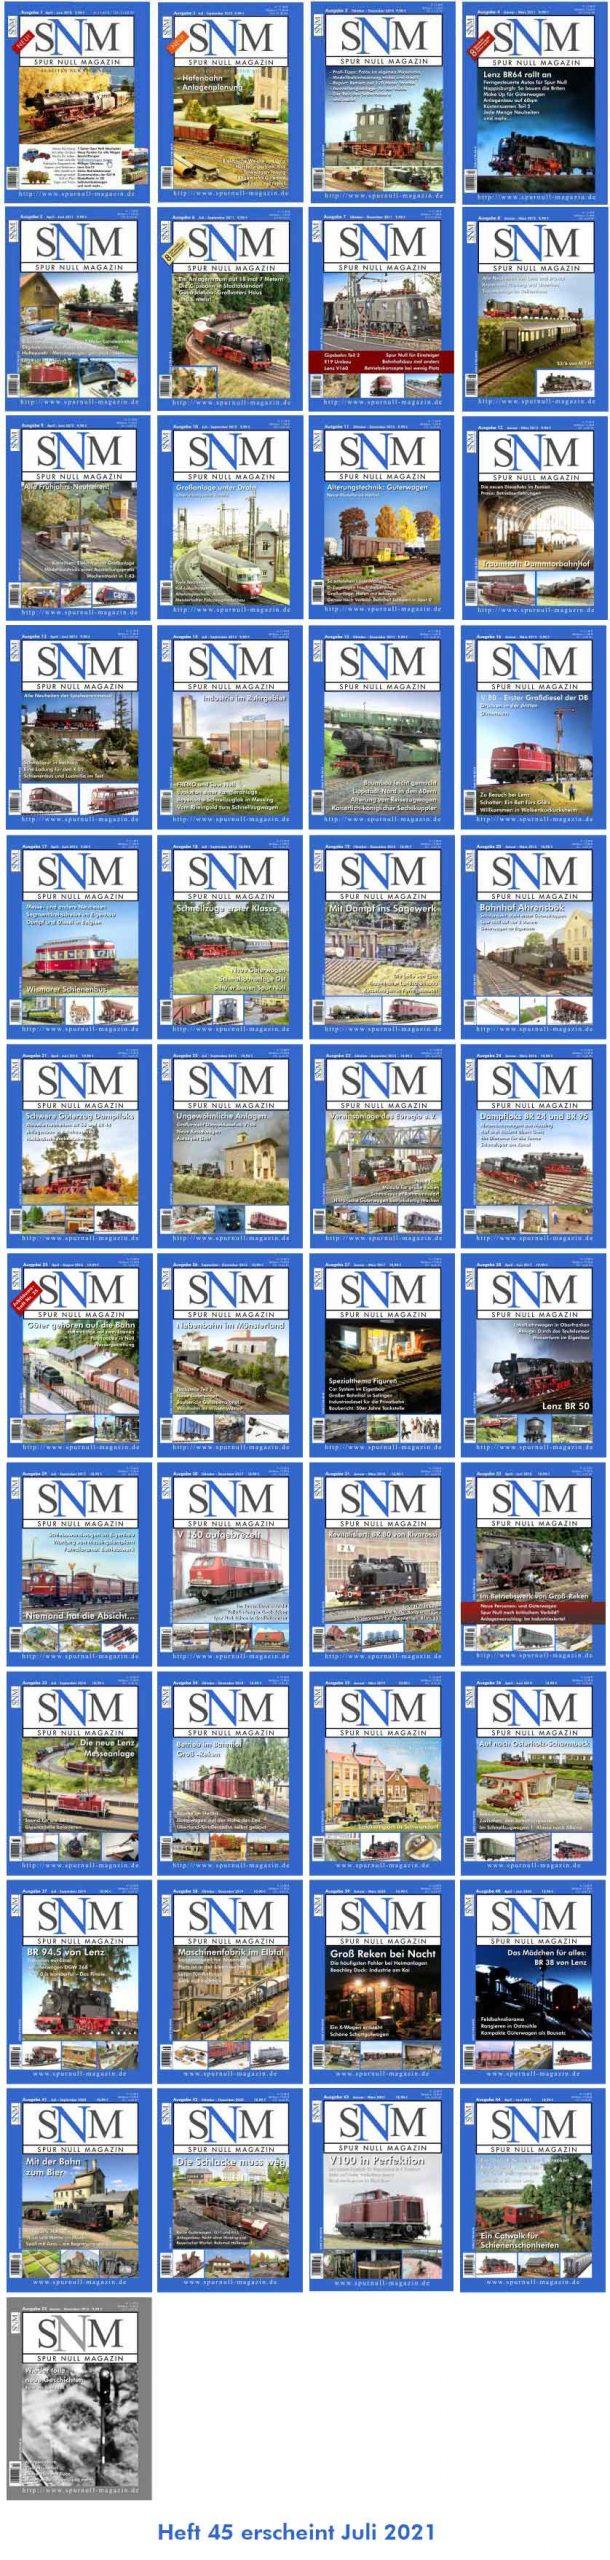 SNM Heft 1-44